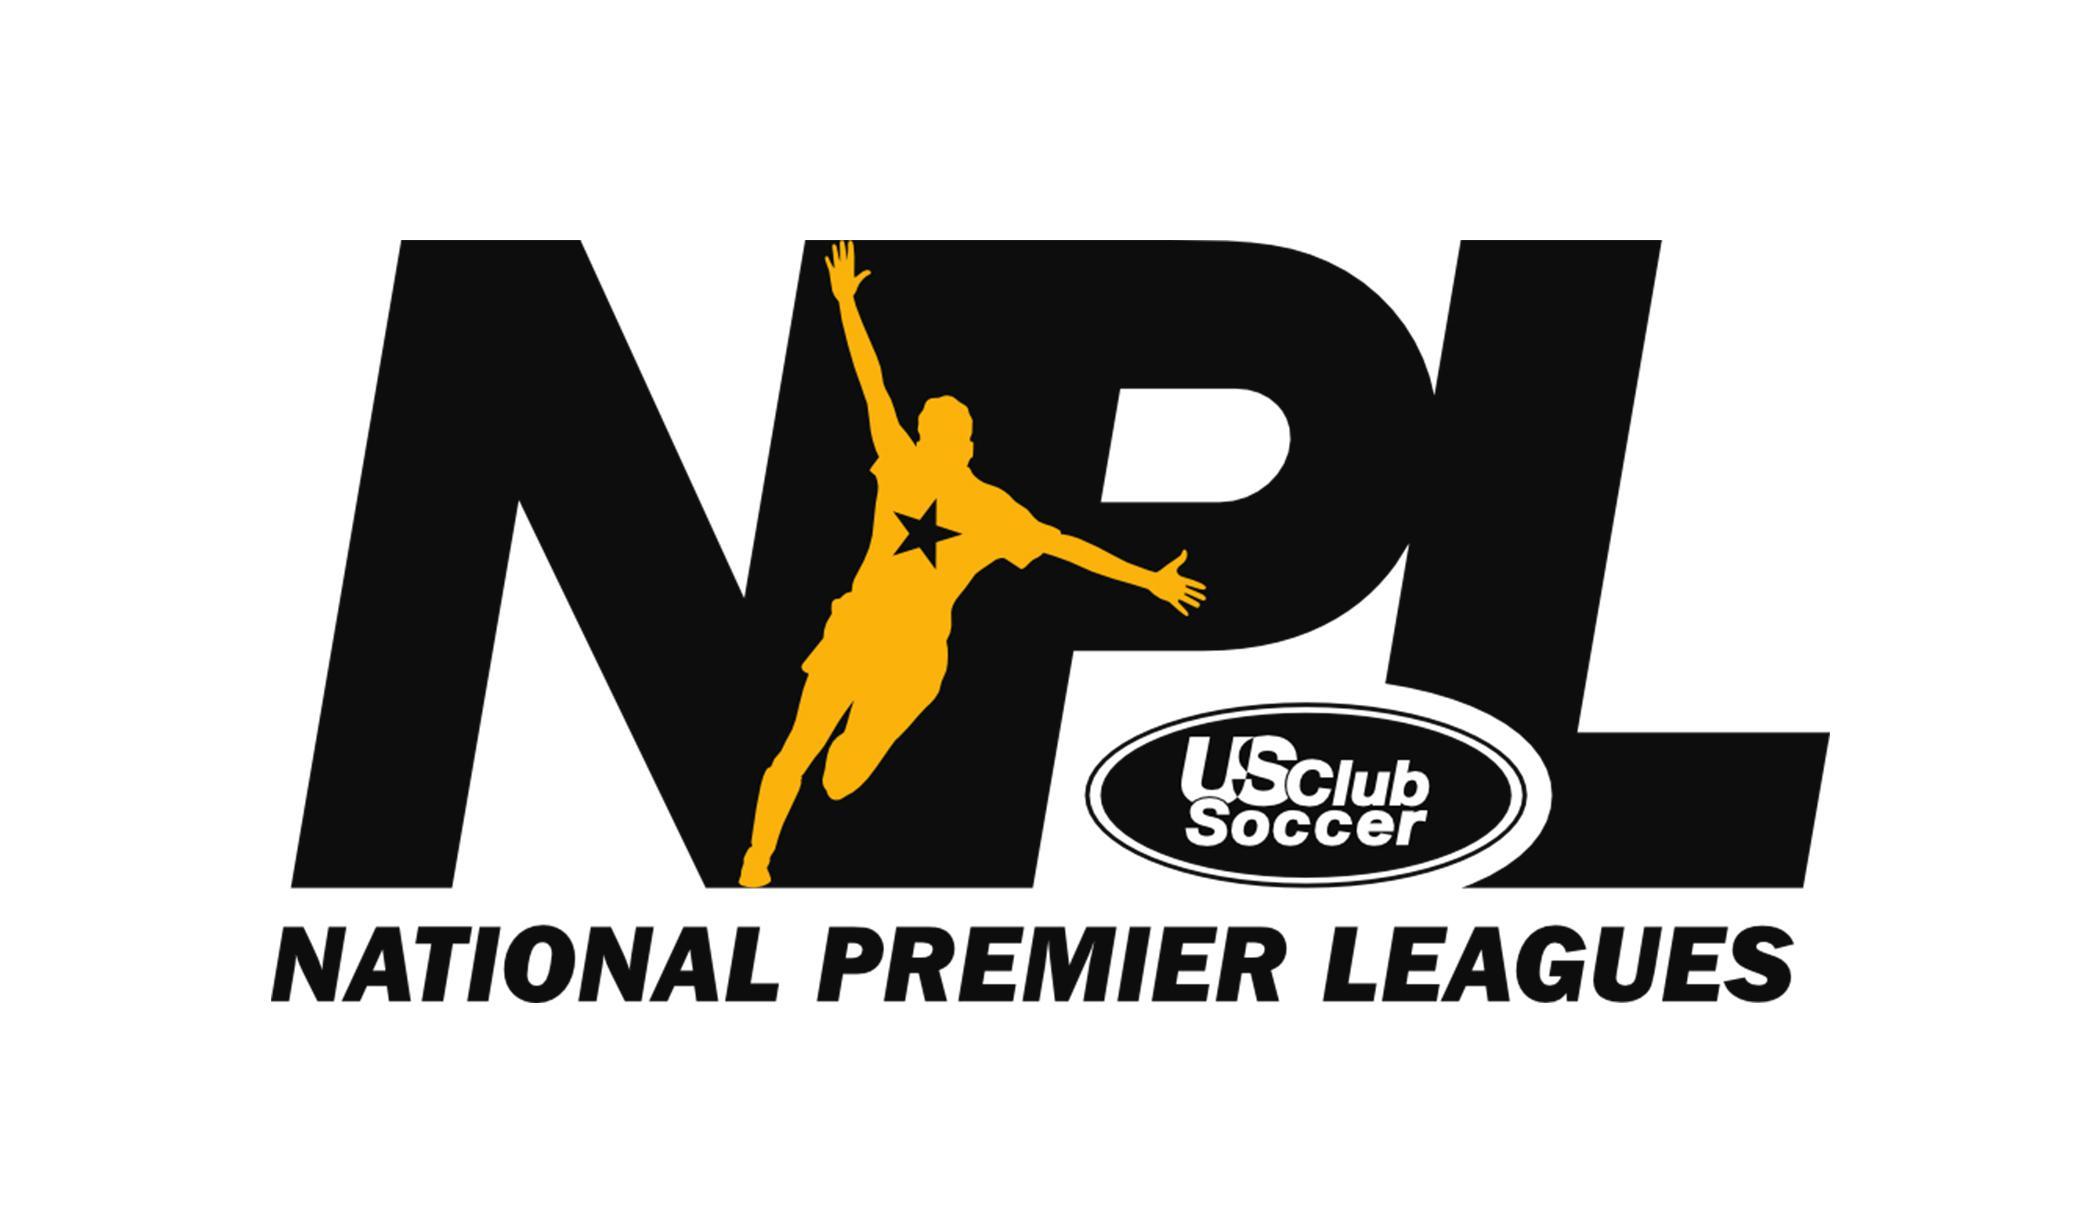 Premier Soccer Massachusetts - GPS Massachusetts